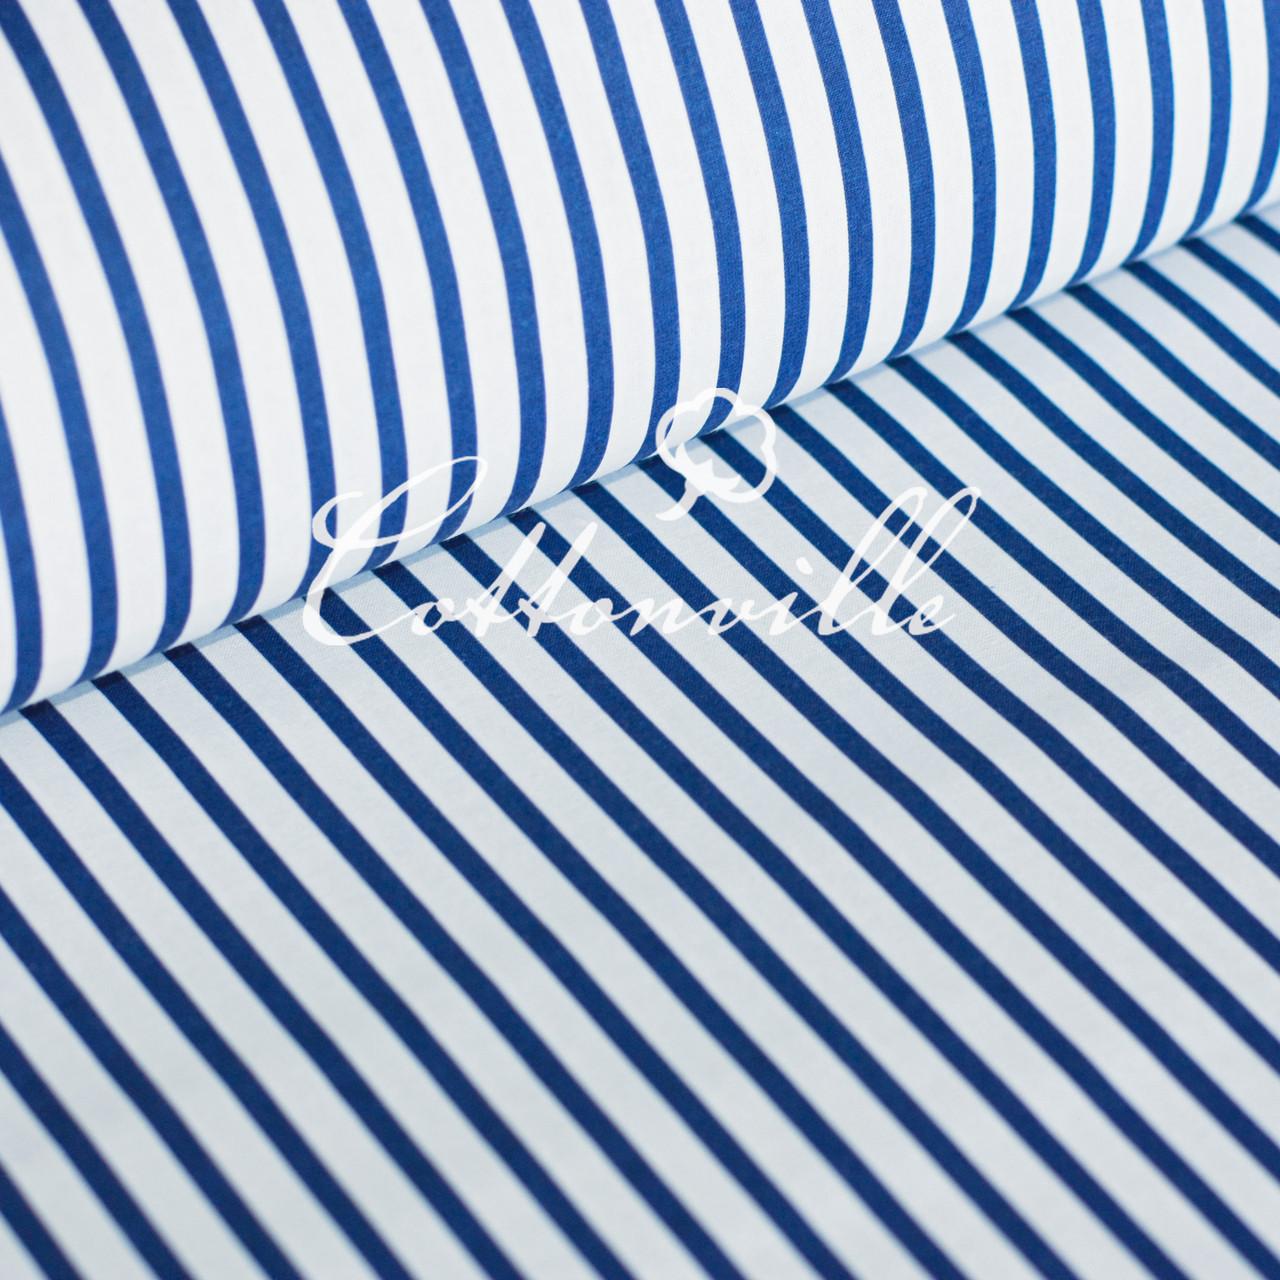 ✁ Відрізи тканини Полоски 6/10 мм сині